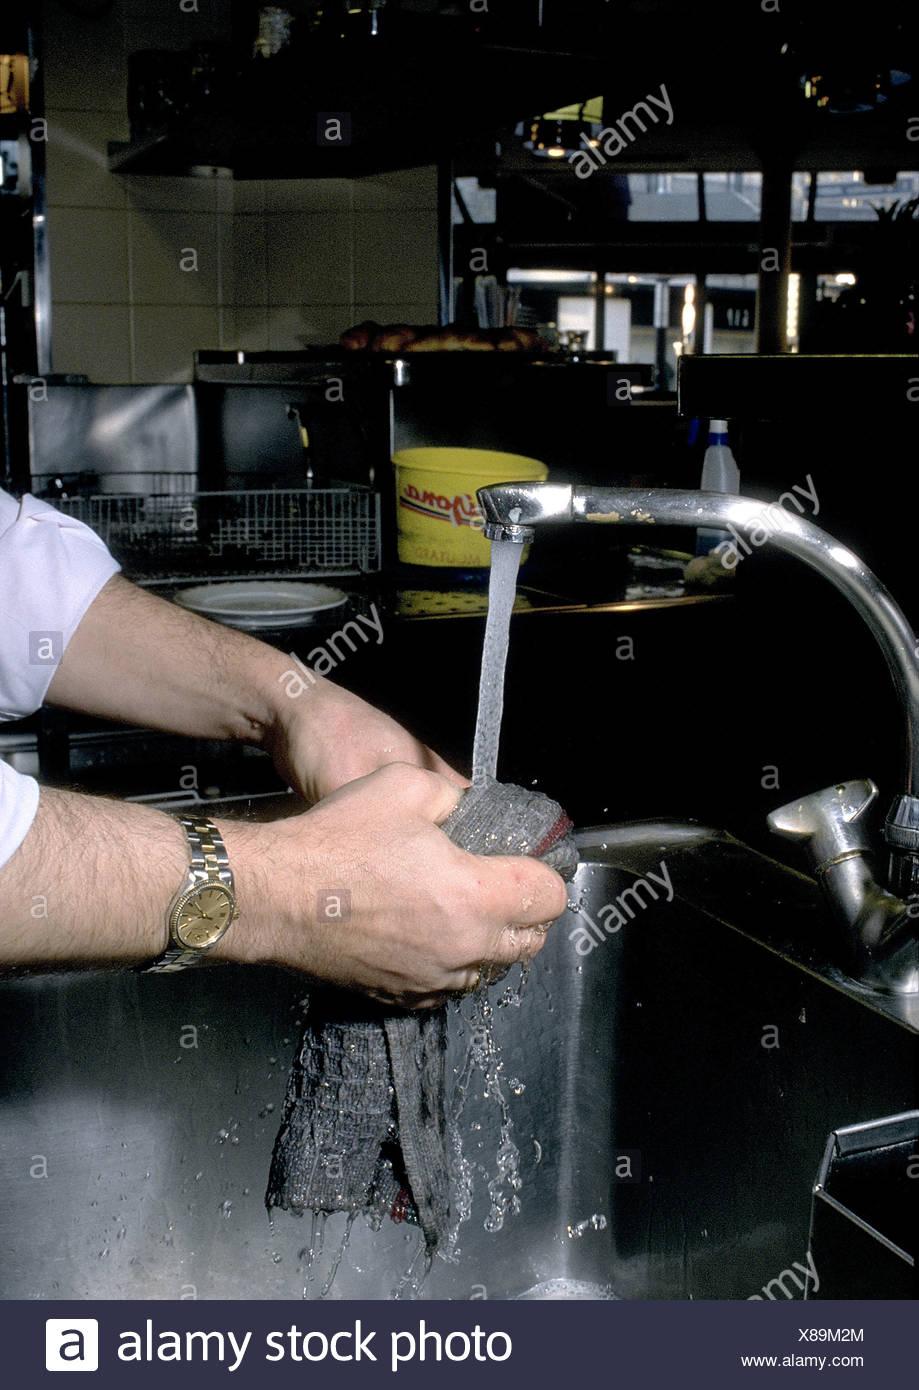 Man washing rag in cafe - Stock Image